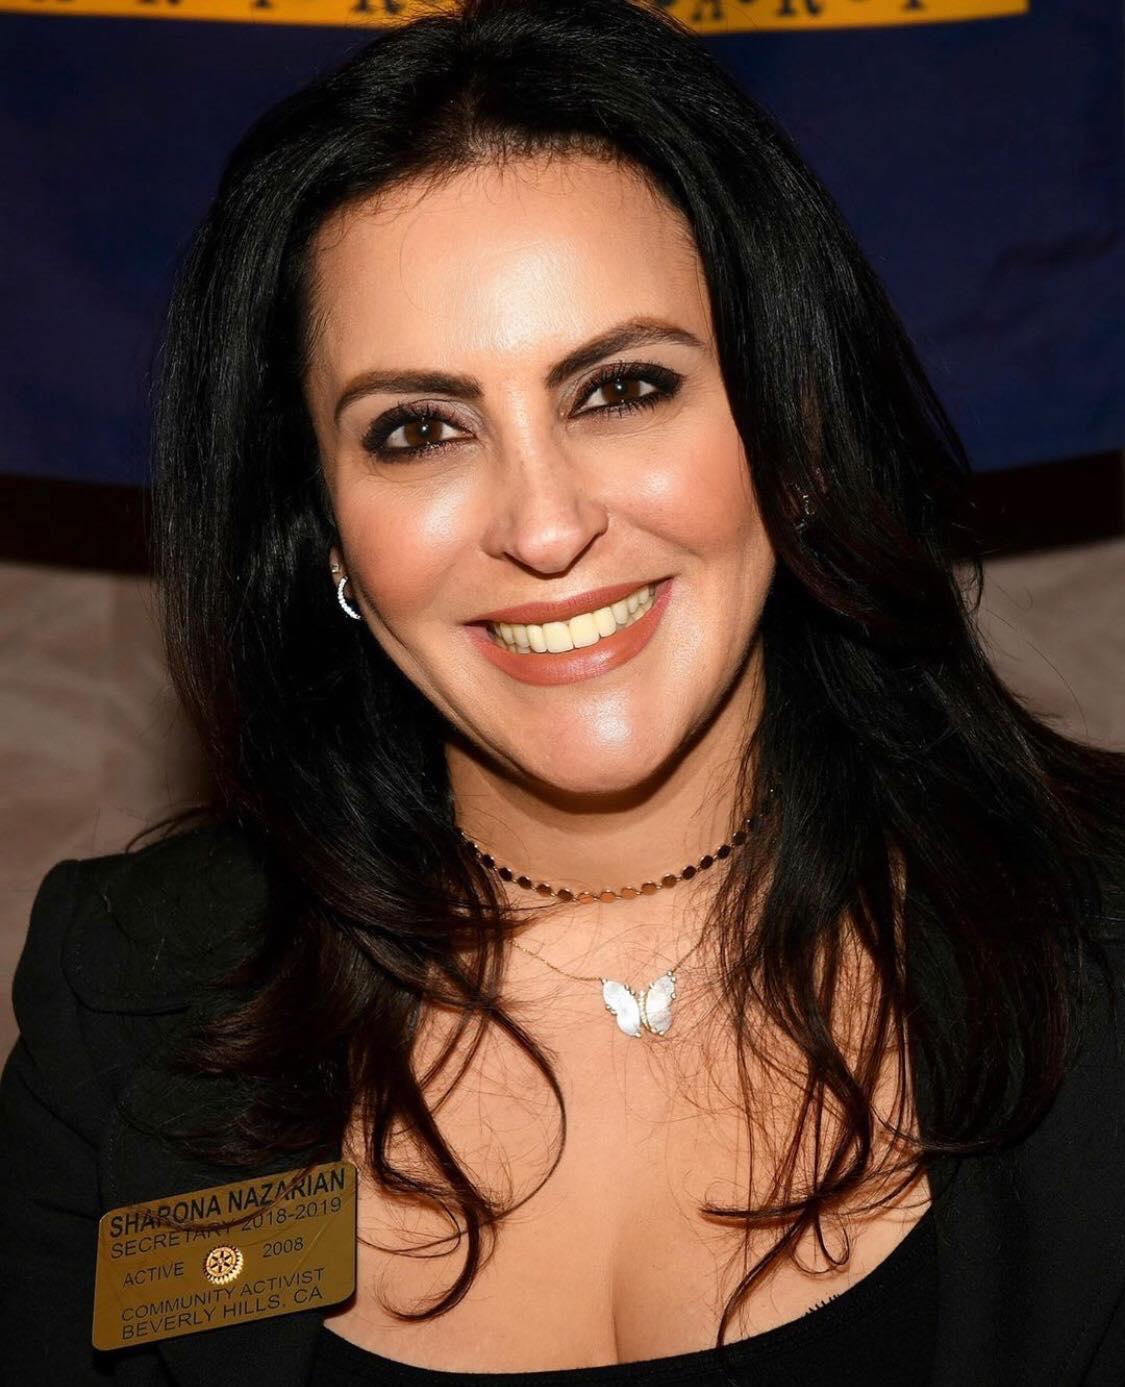 Sharona R. Nazarian